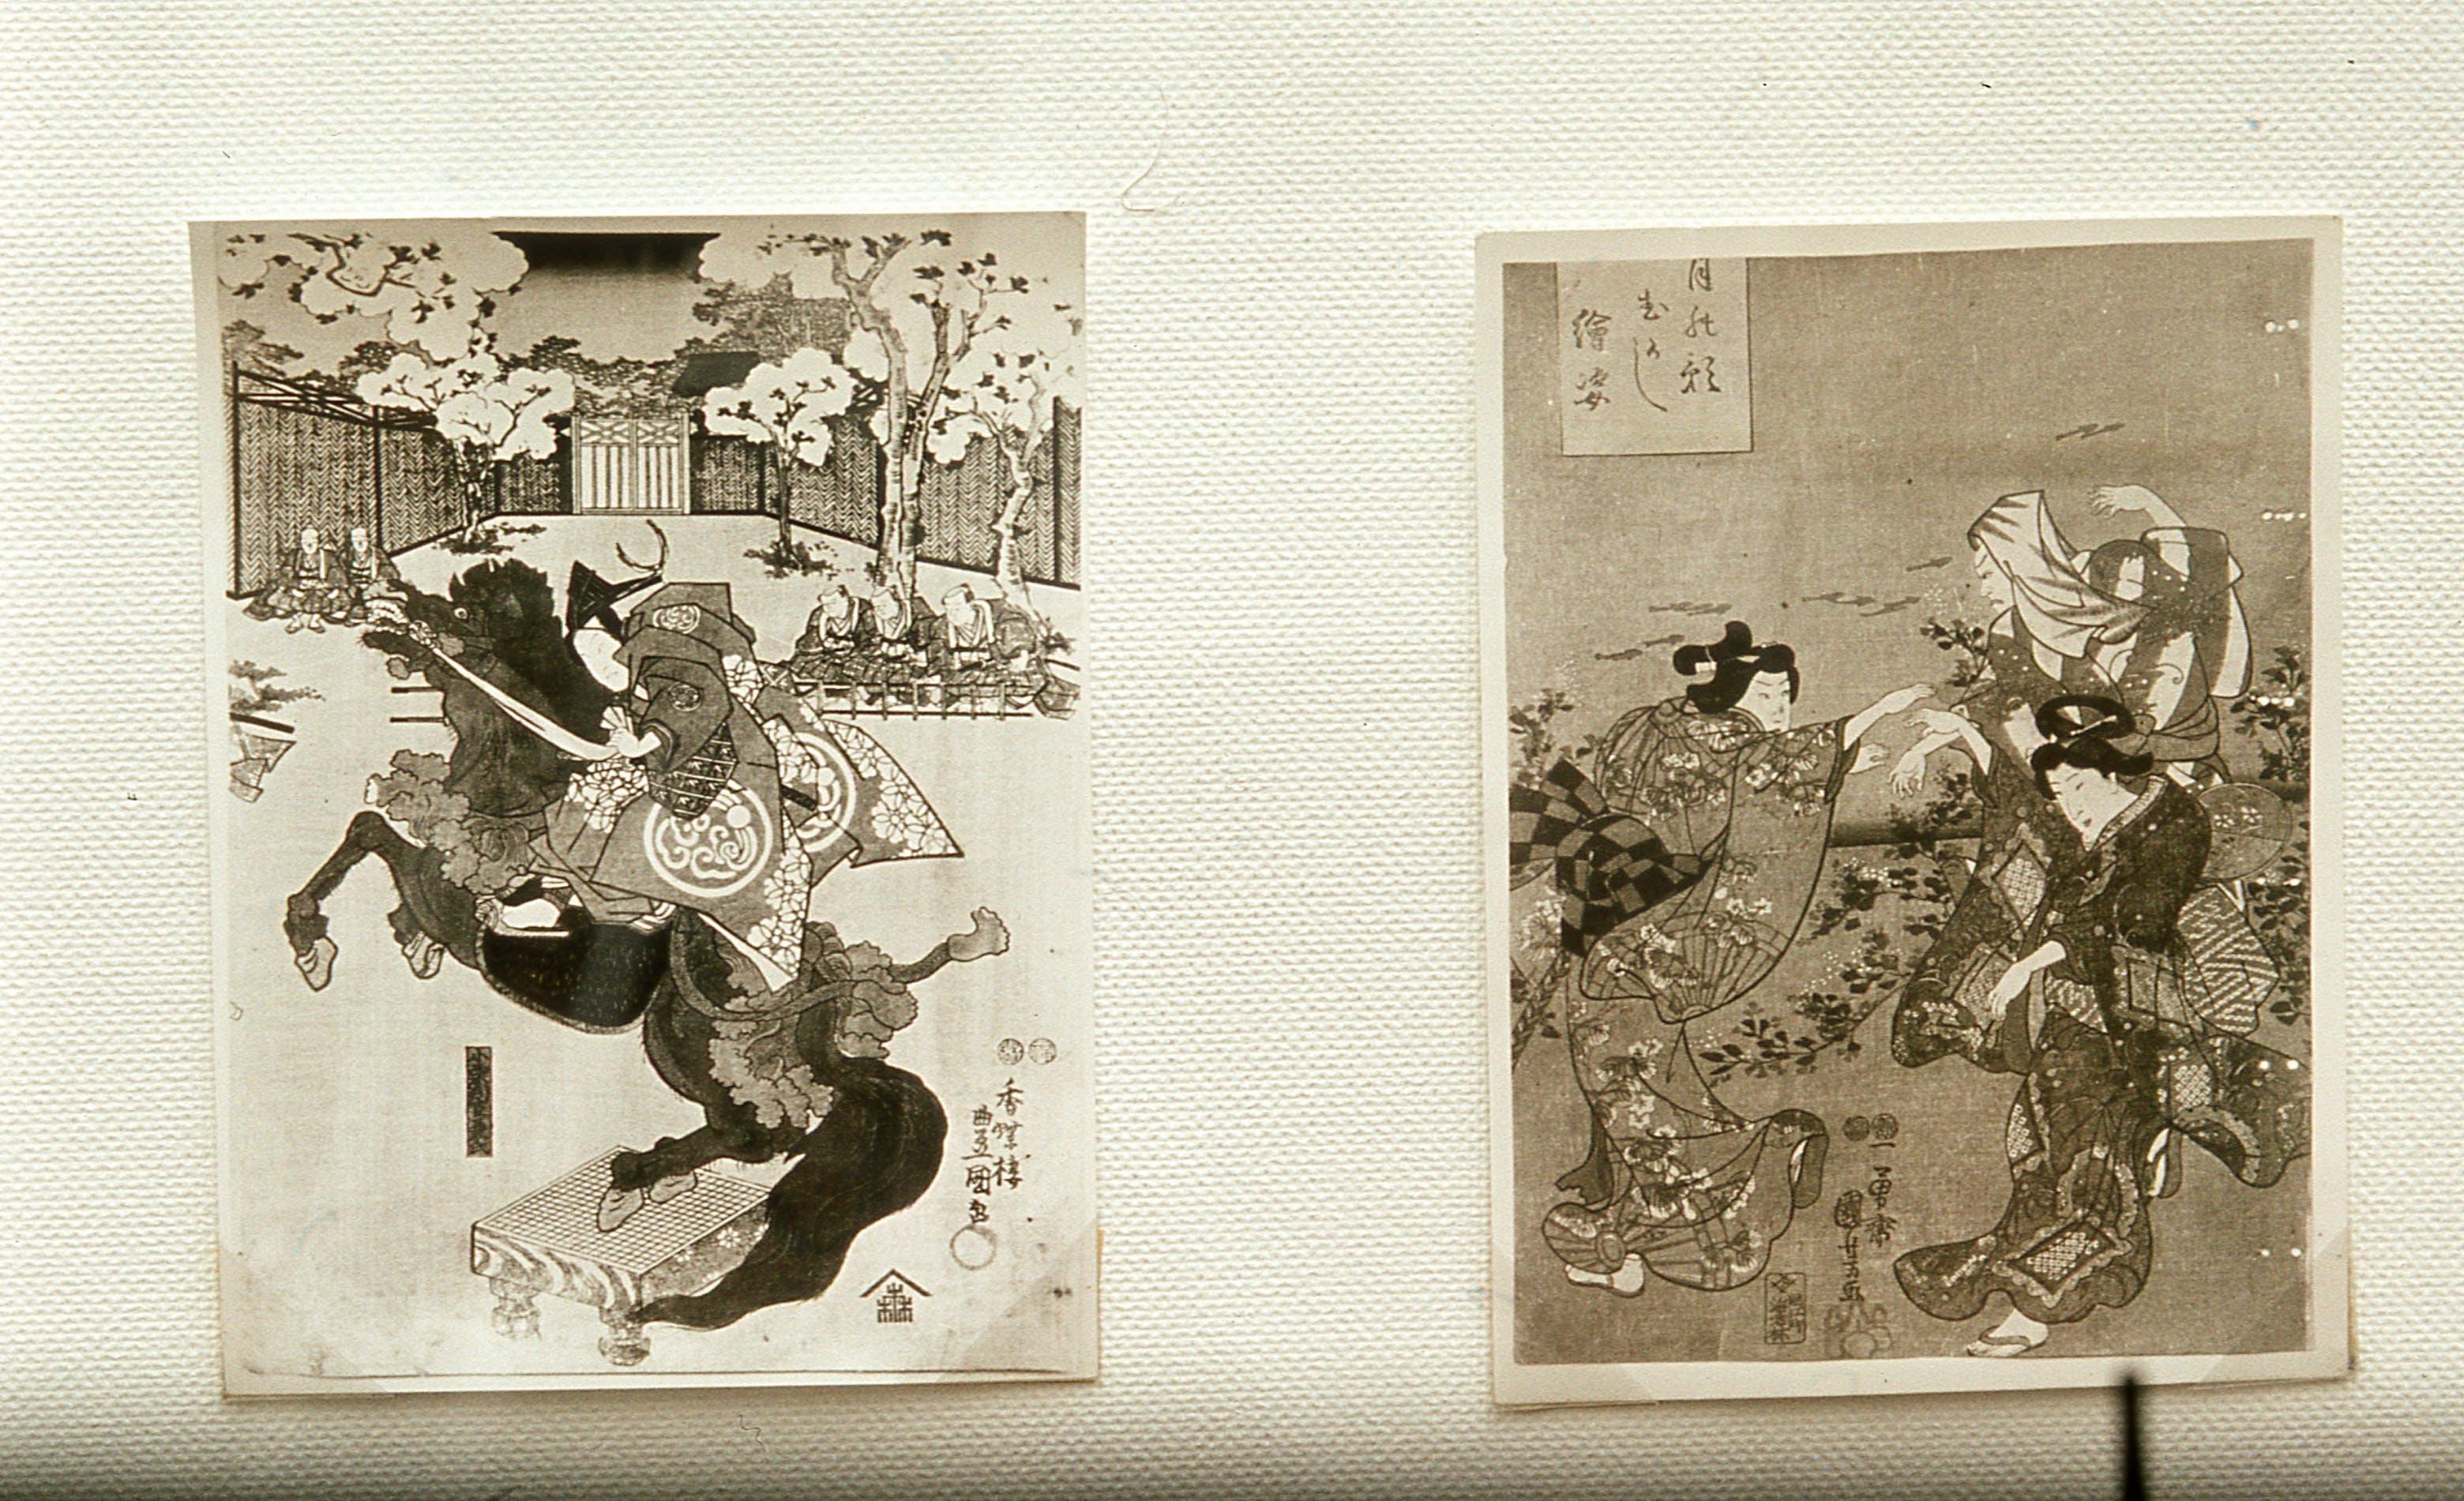 Japanesedrawings011